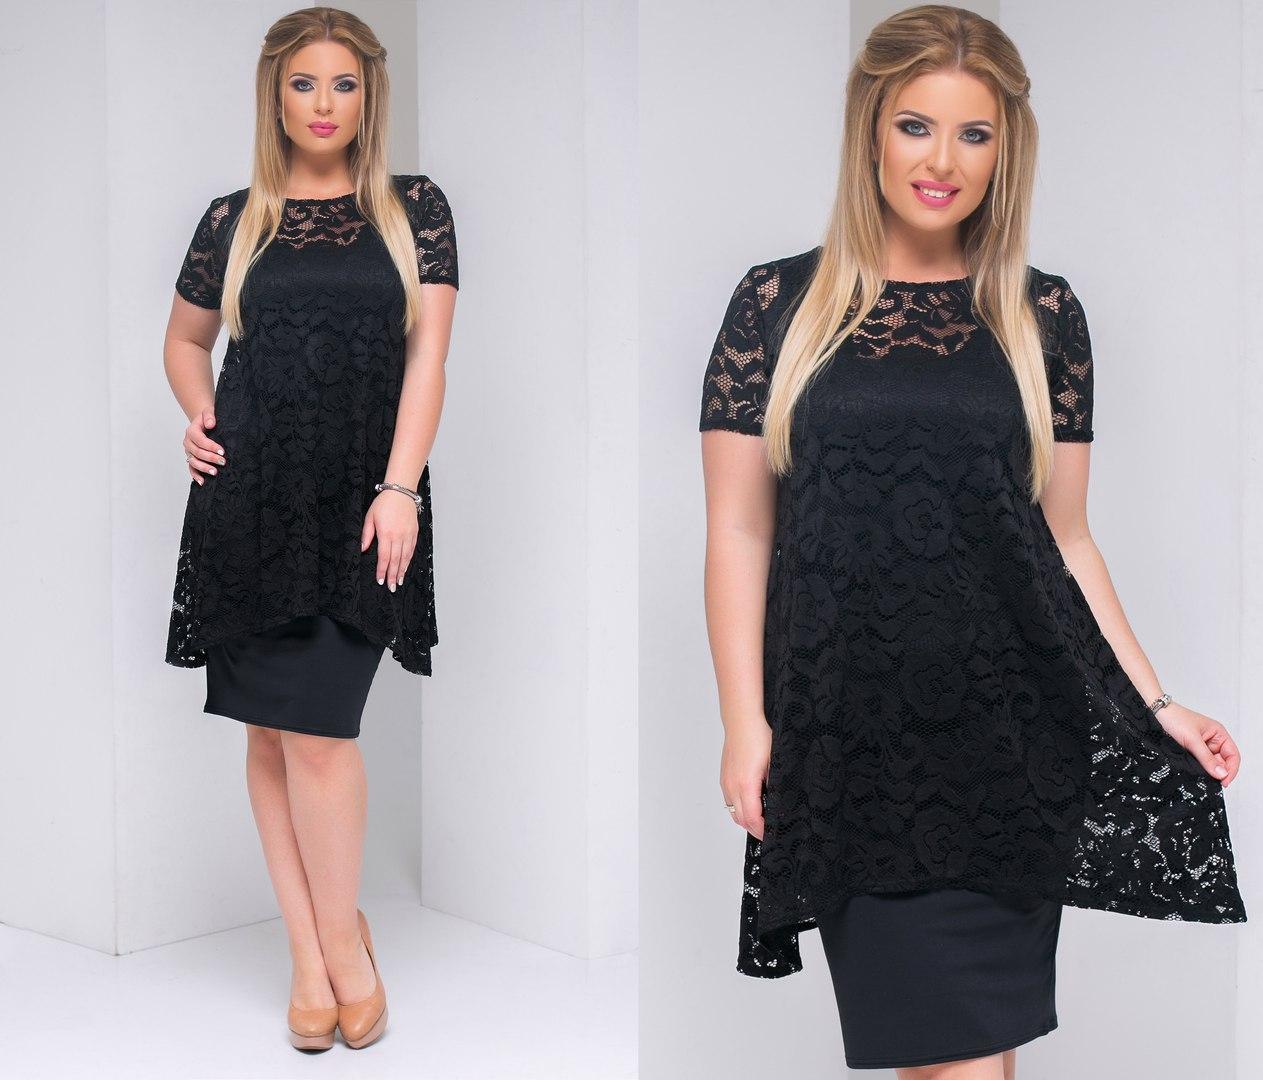 974b00b282b Нарядное платье больших размеров - All You Need - прямой поставщик женской  одежды оптом и в